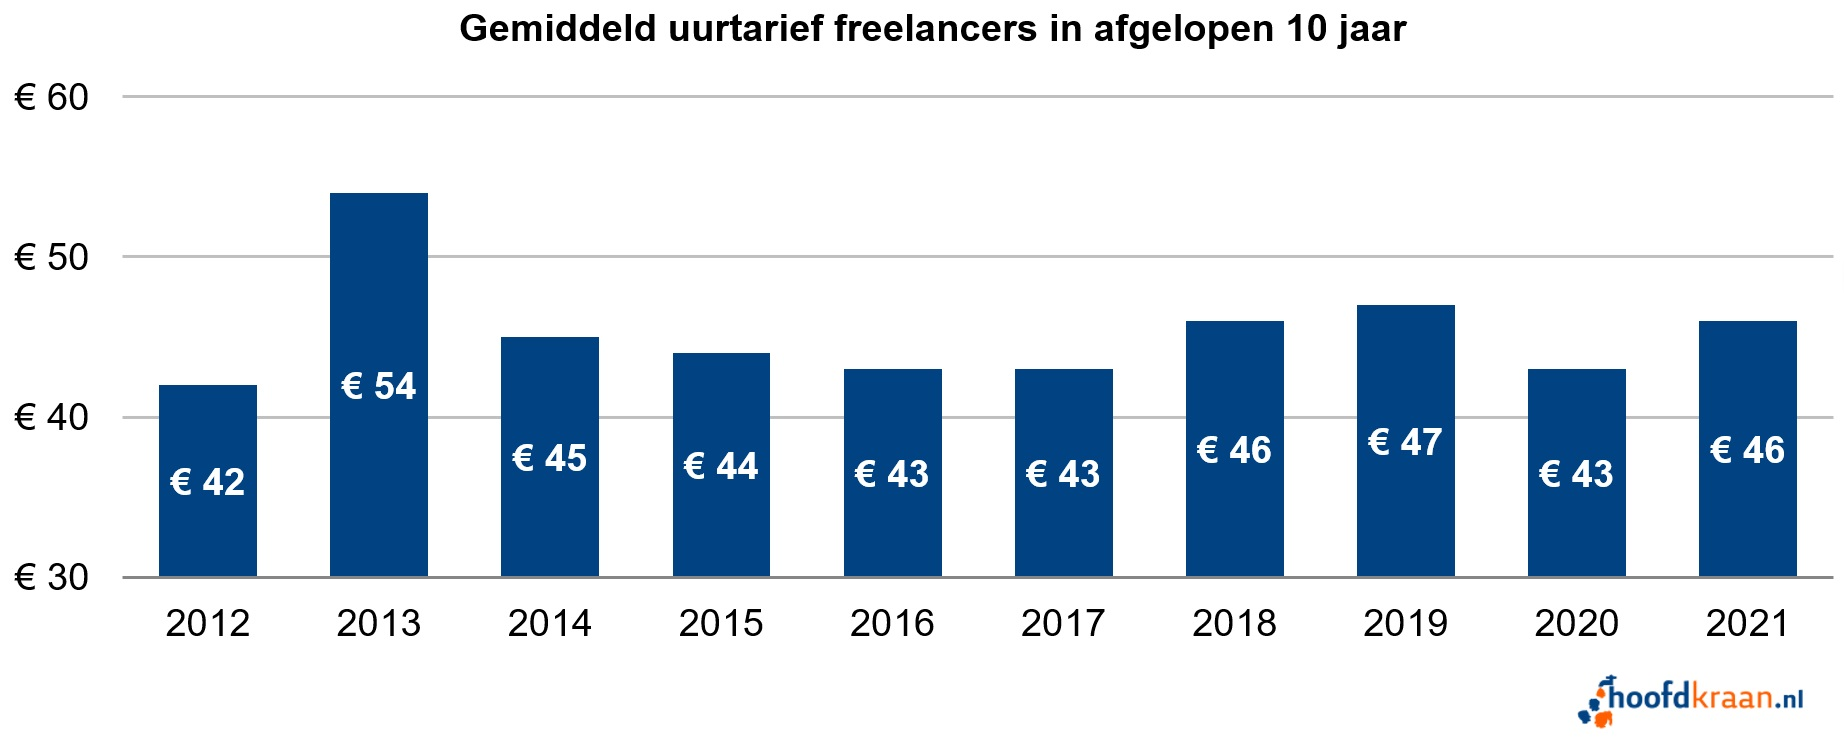 Gemiddeld uurtarief freelancers 2021.